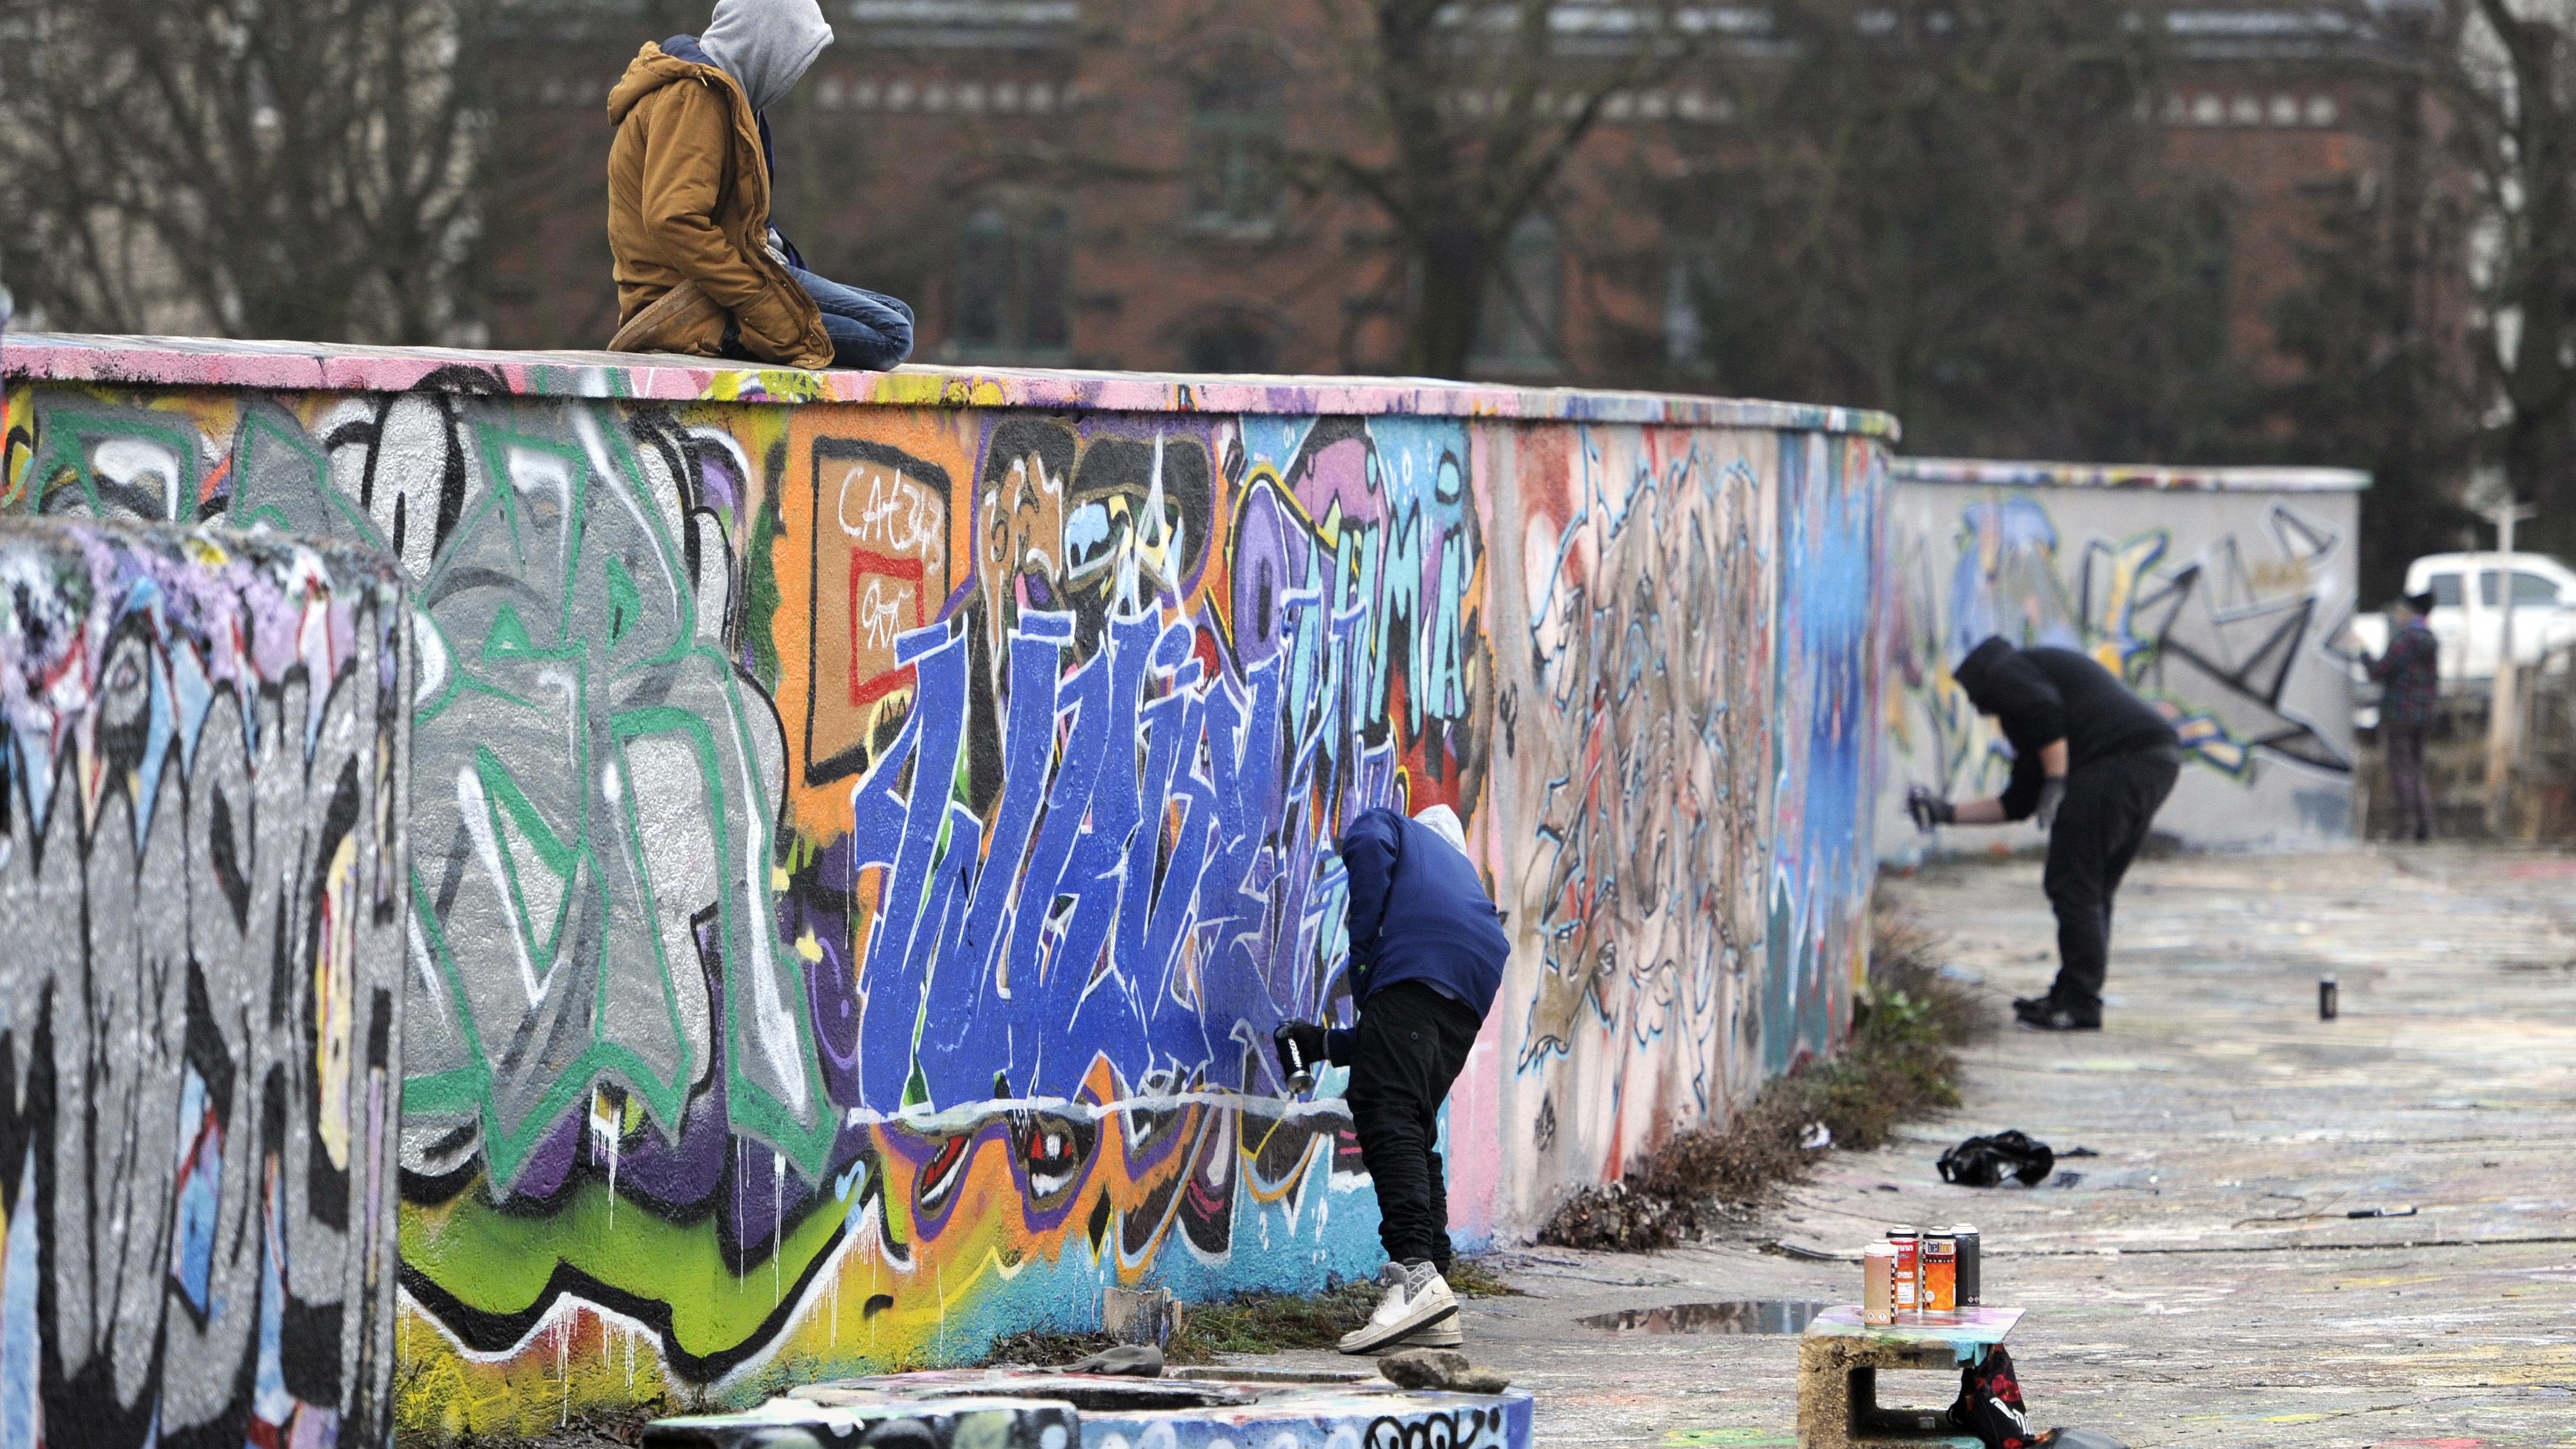 Graffiti-Sprayer besprayen eine Wand im Viehhof in München 2016